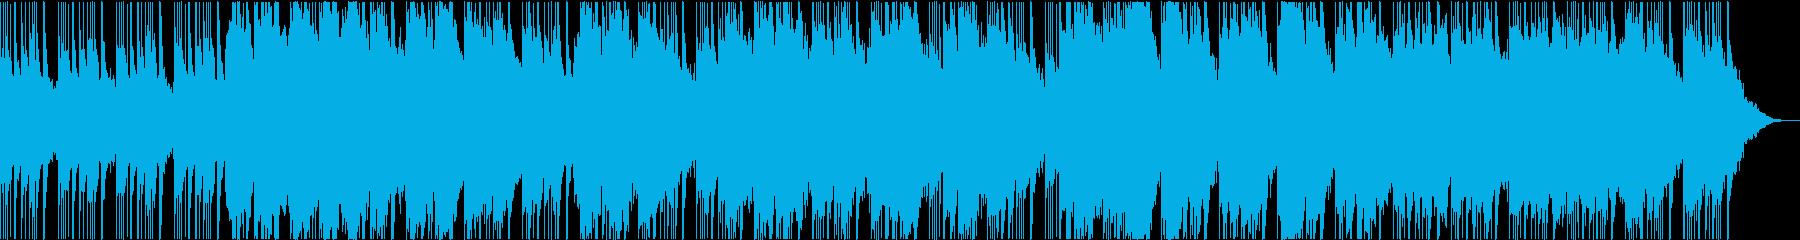 幻想的な笛の和風曲の再生済みの波形